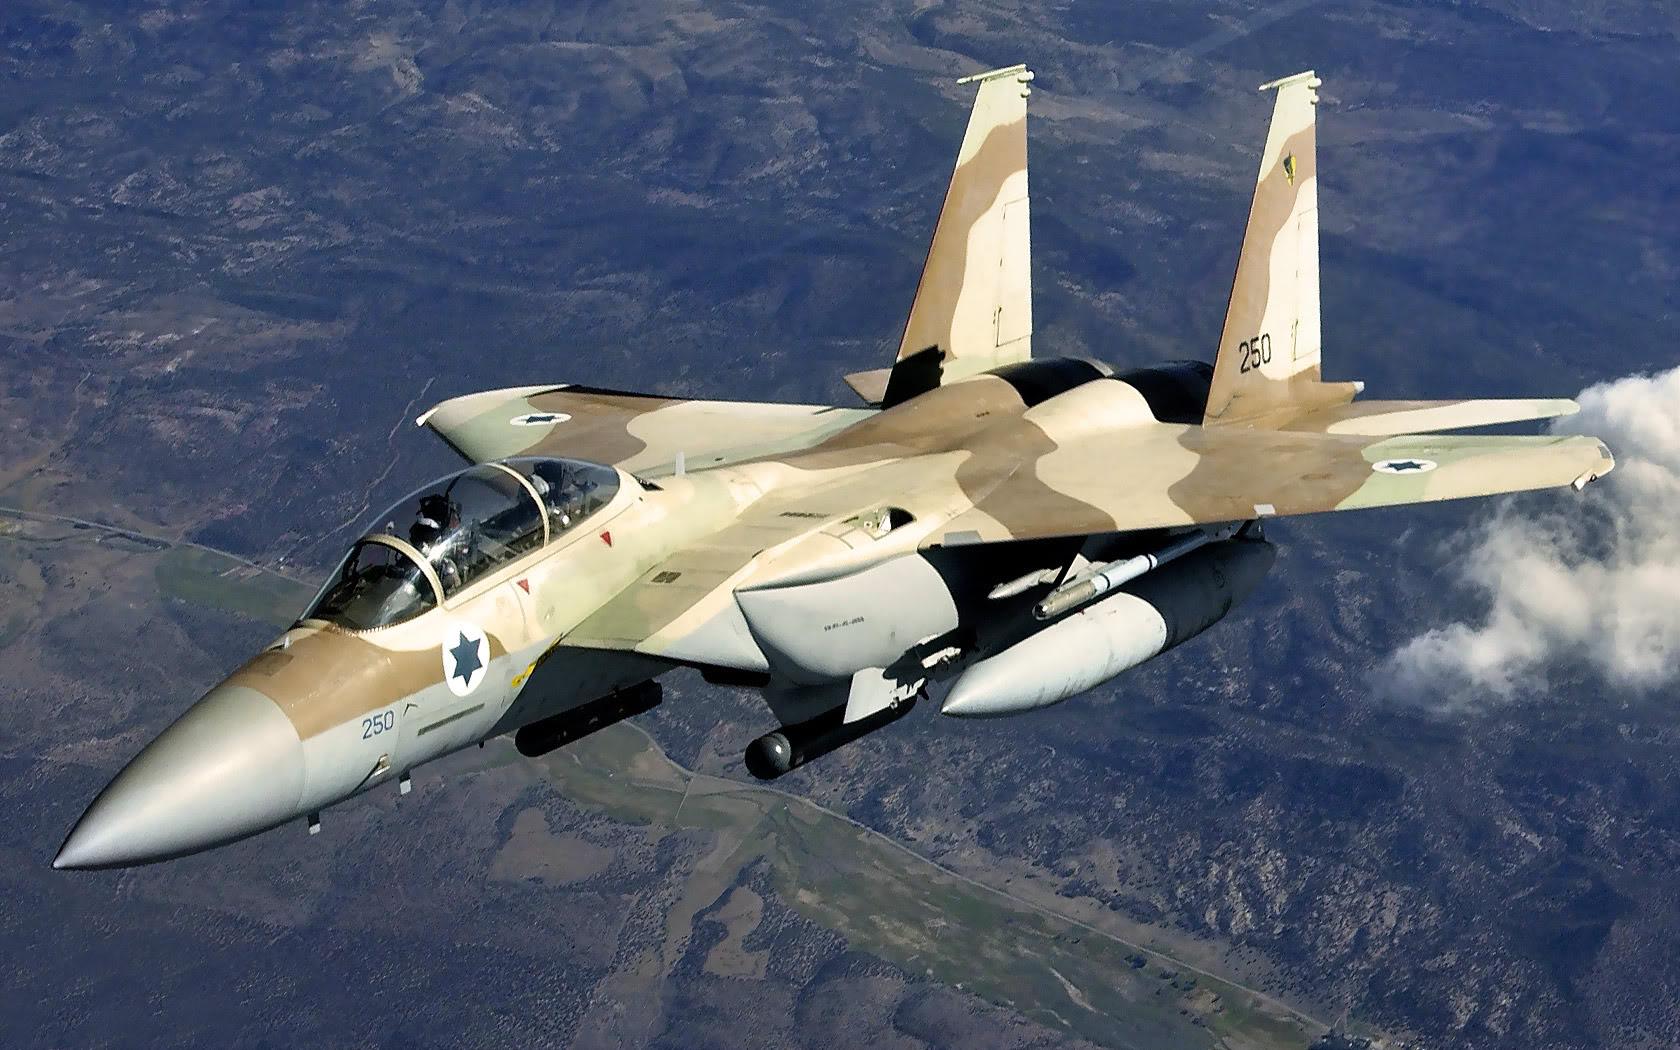 Aviația militară israeliană, pregătită să pună capăt programului nuclear iranian